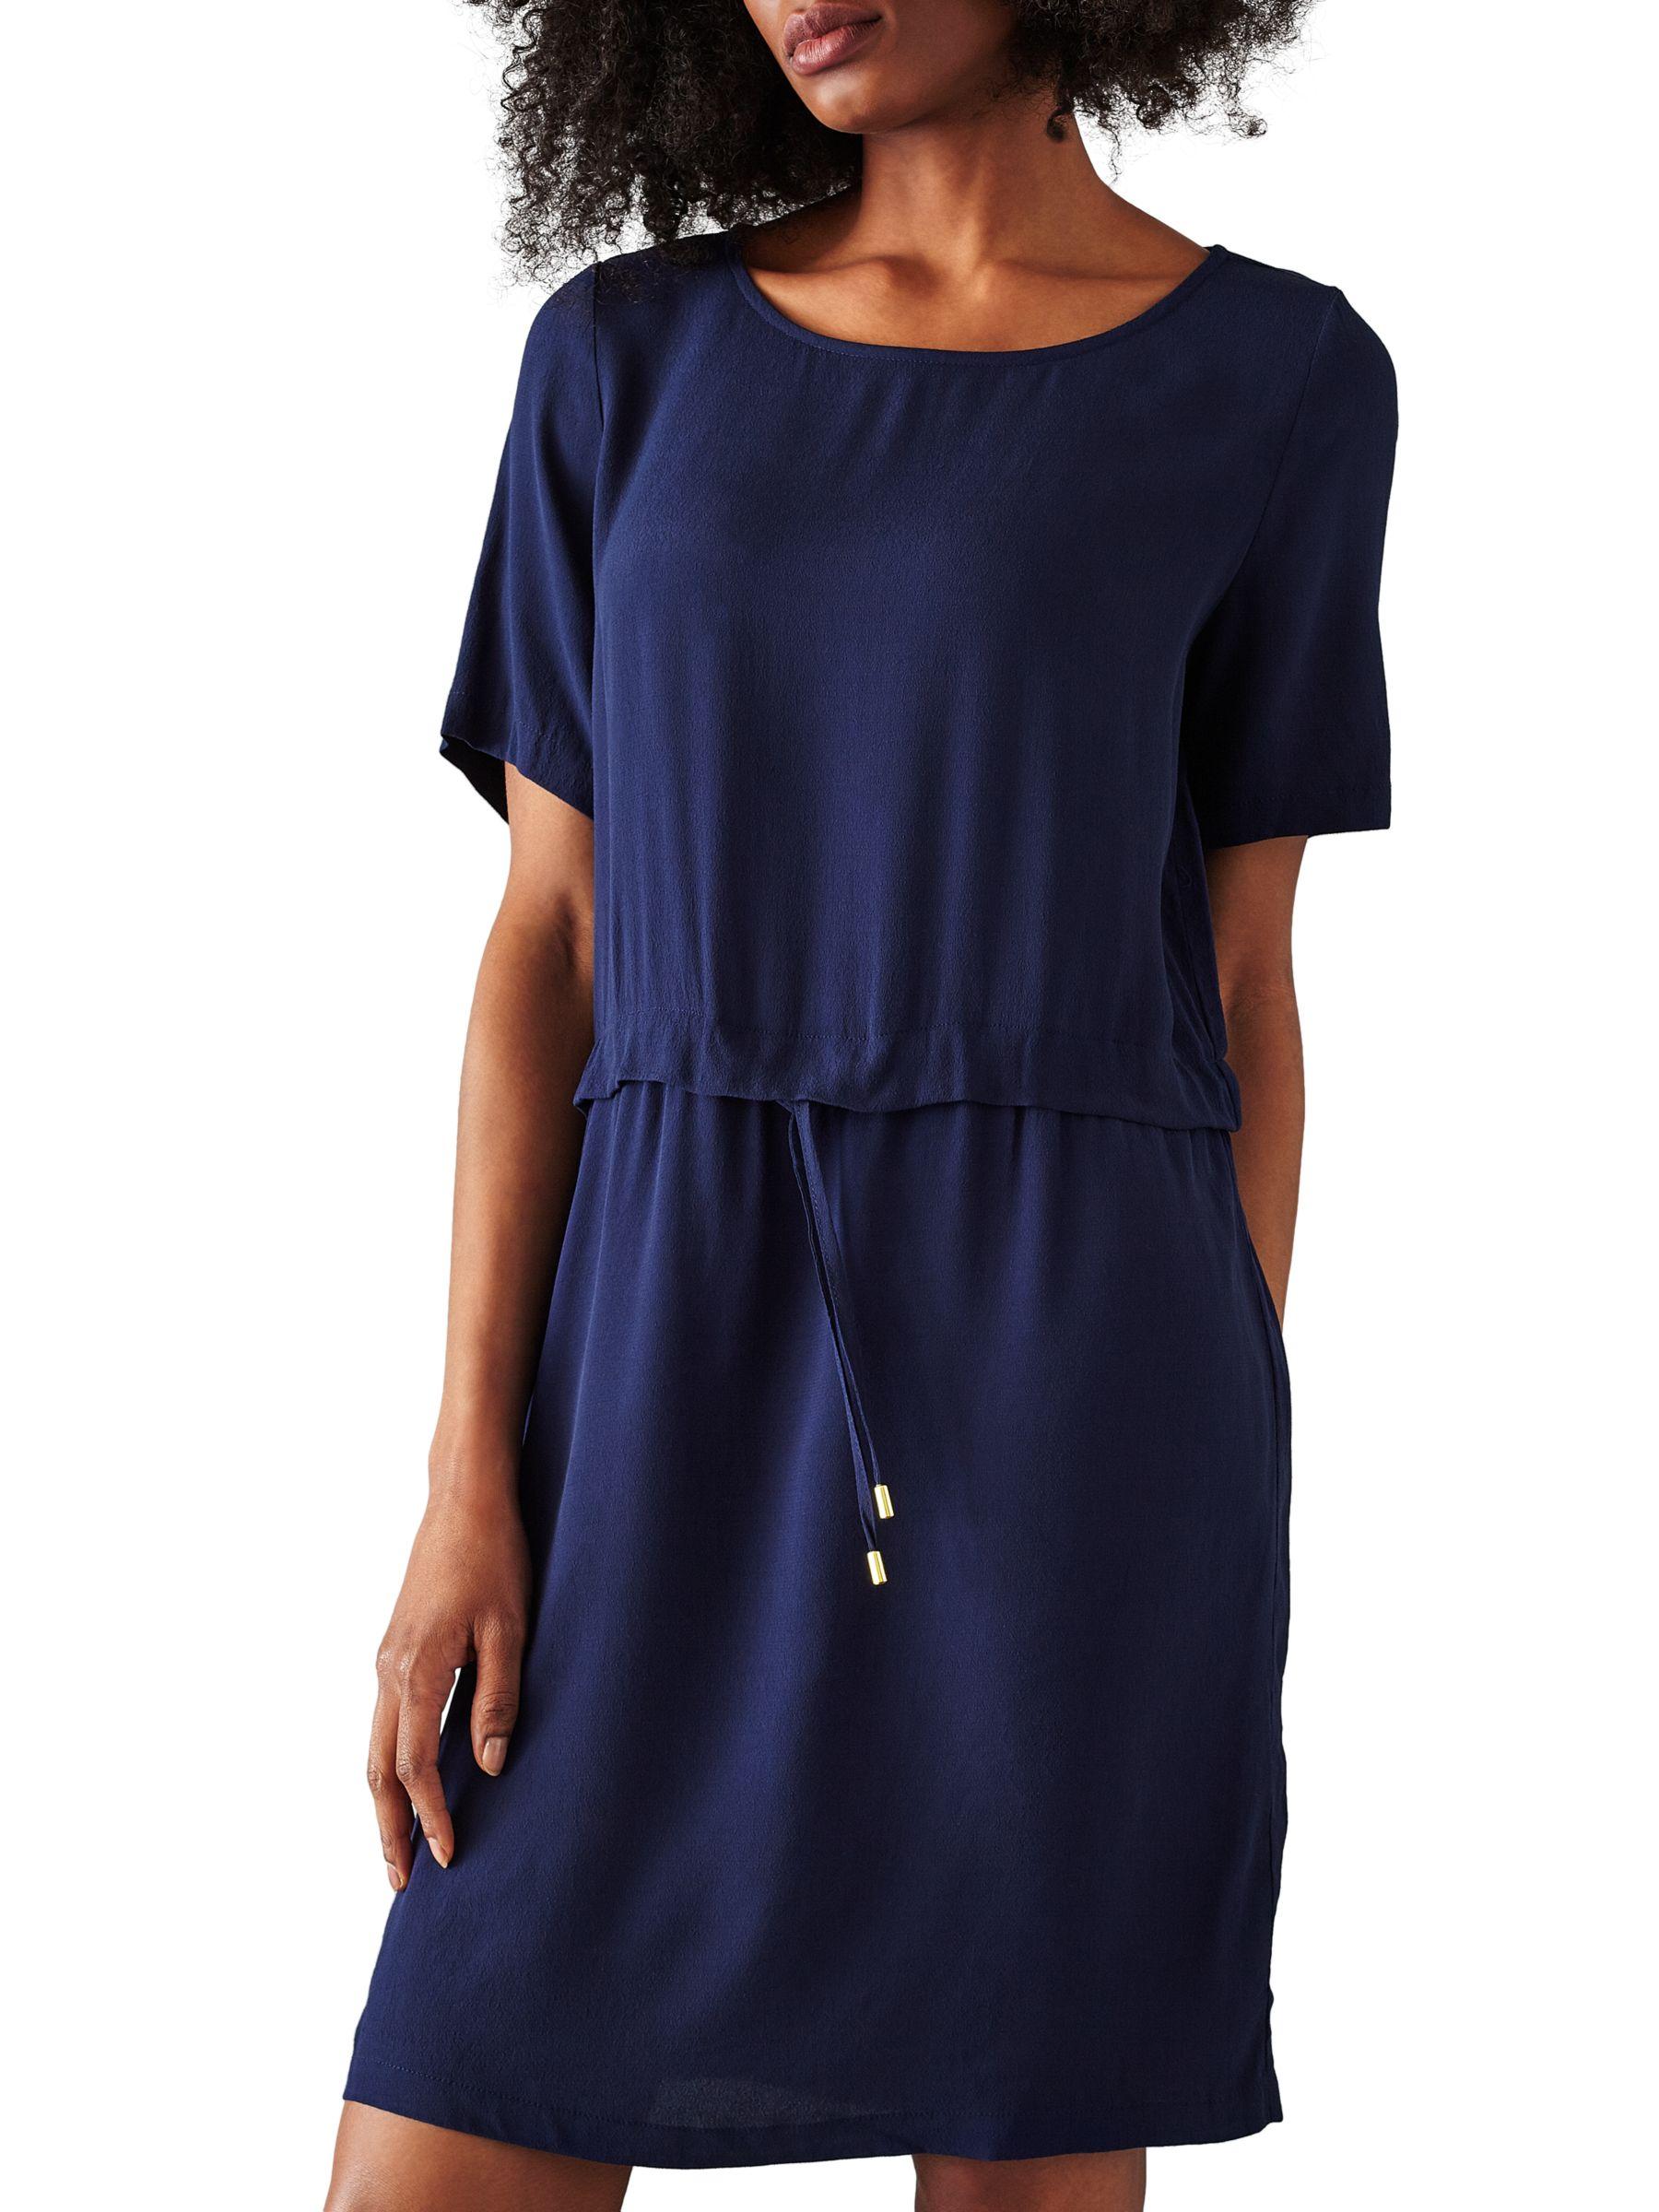 Minimum Minimum Janett Dress, Twilight Blue